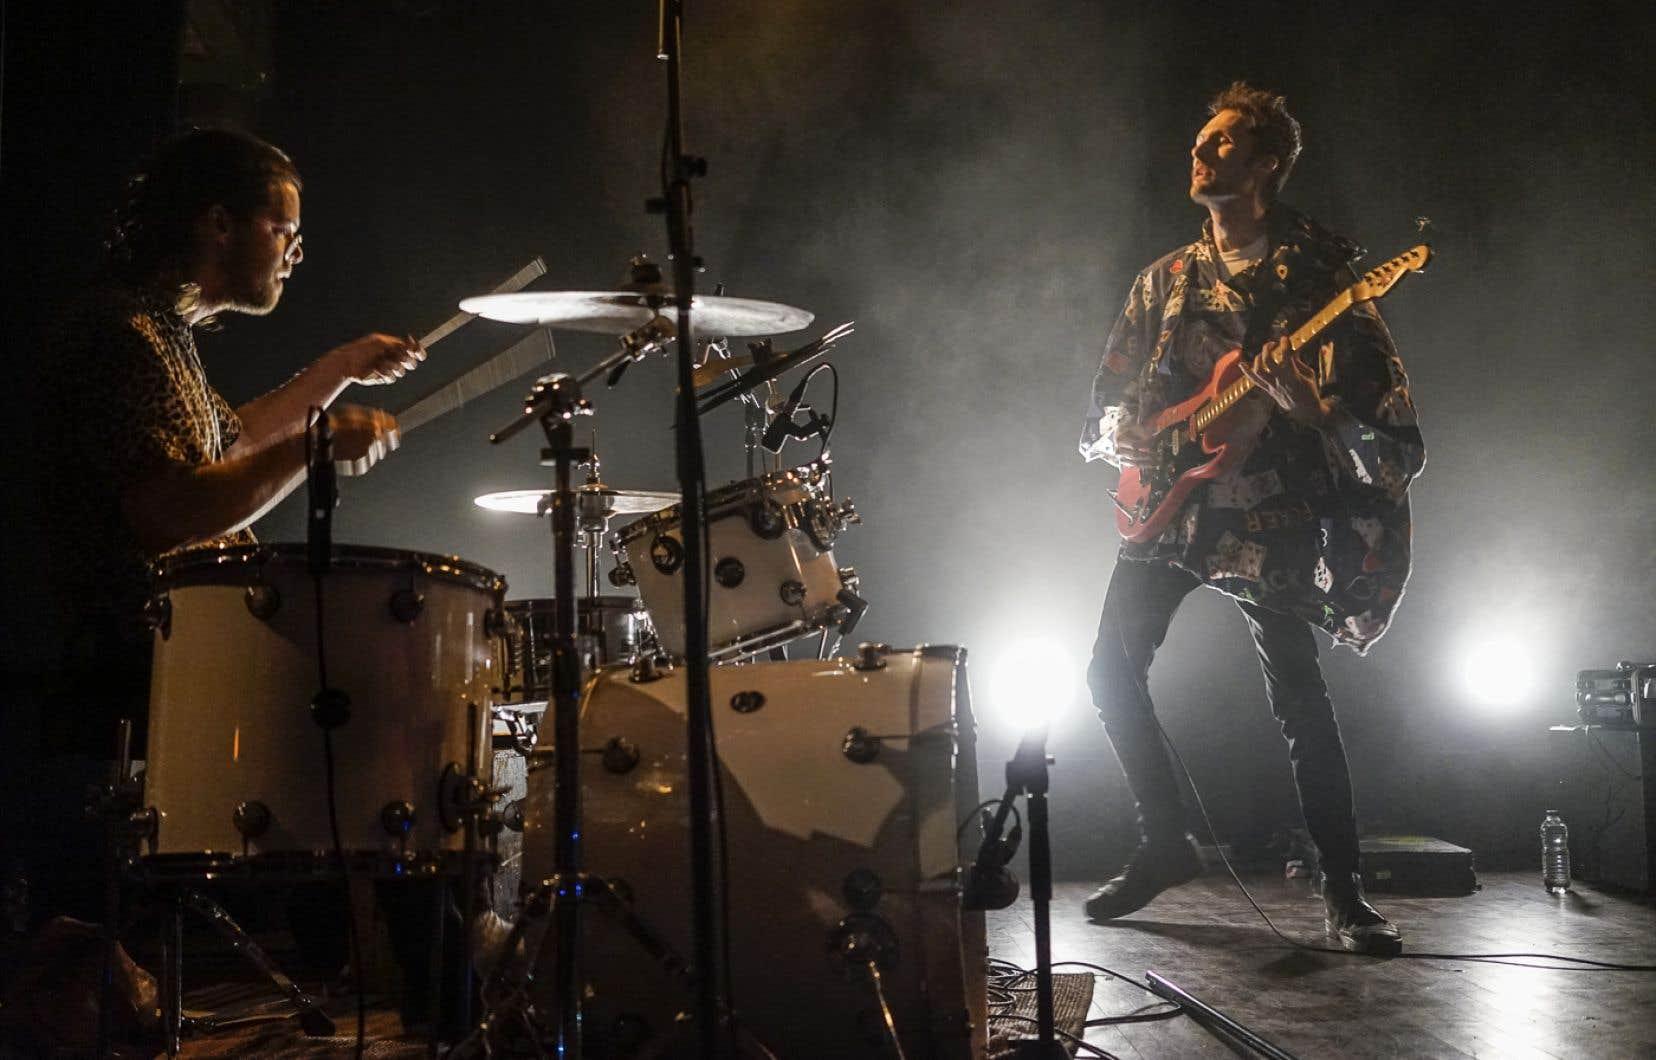 Le choc des univers musicaux a peut-être profité au duo punk CRABE qui clôturait la soirée.